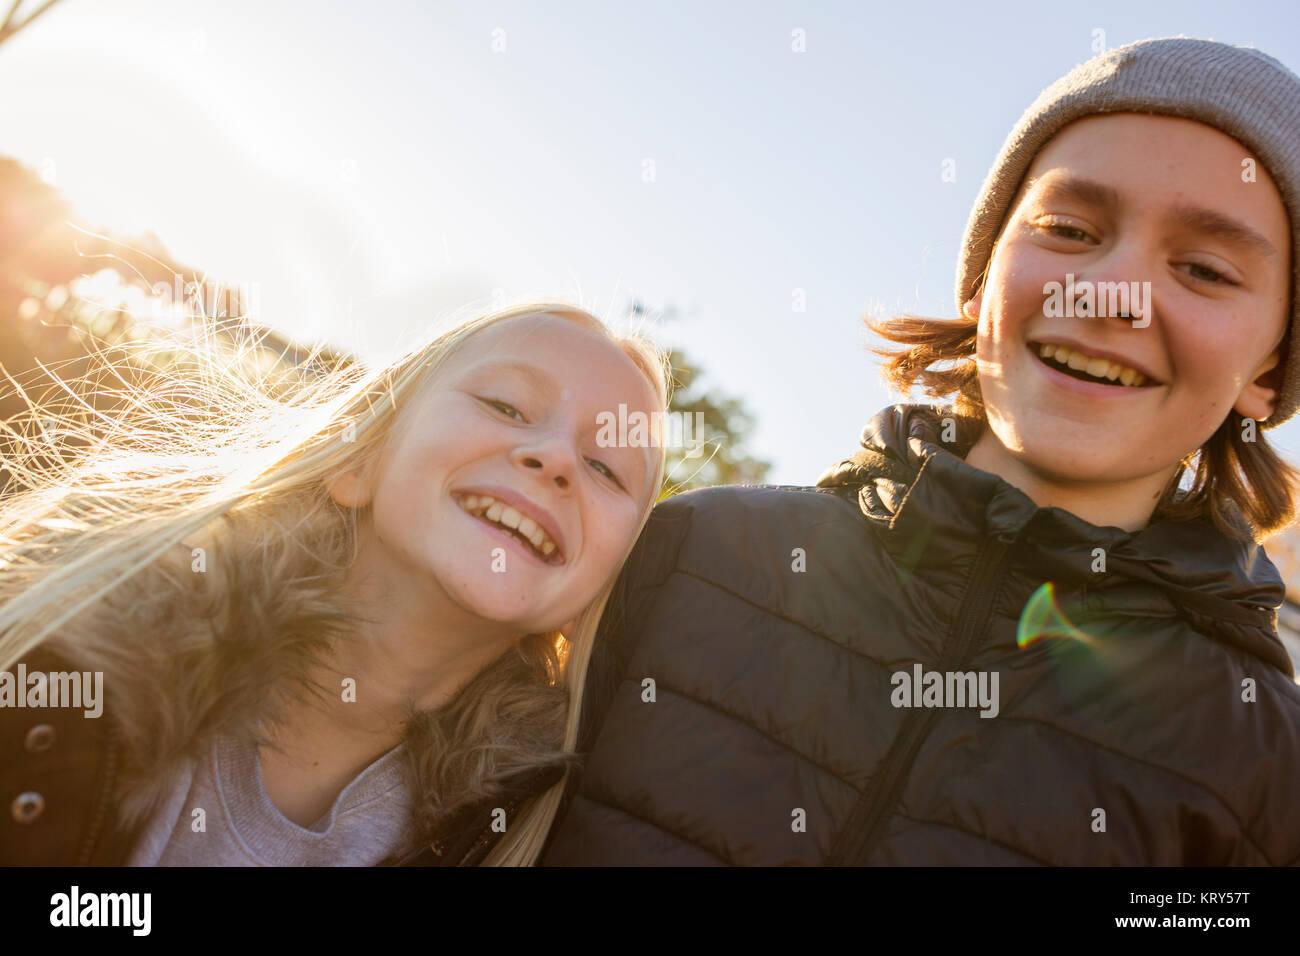 Fratello e Sorella e sorridente Immagini Stock